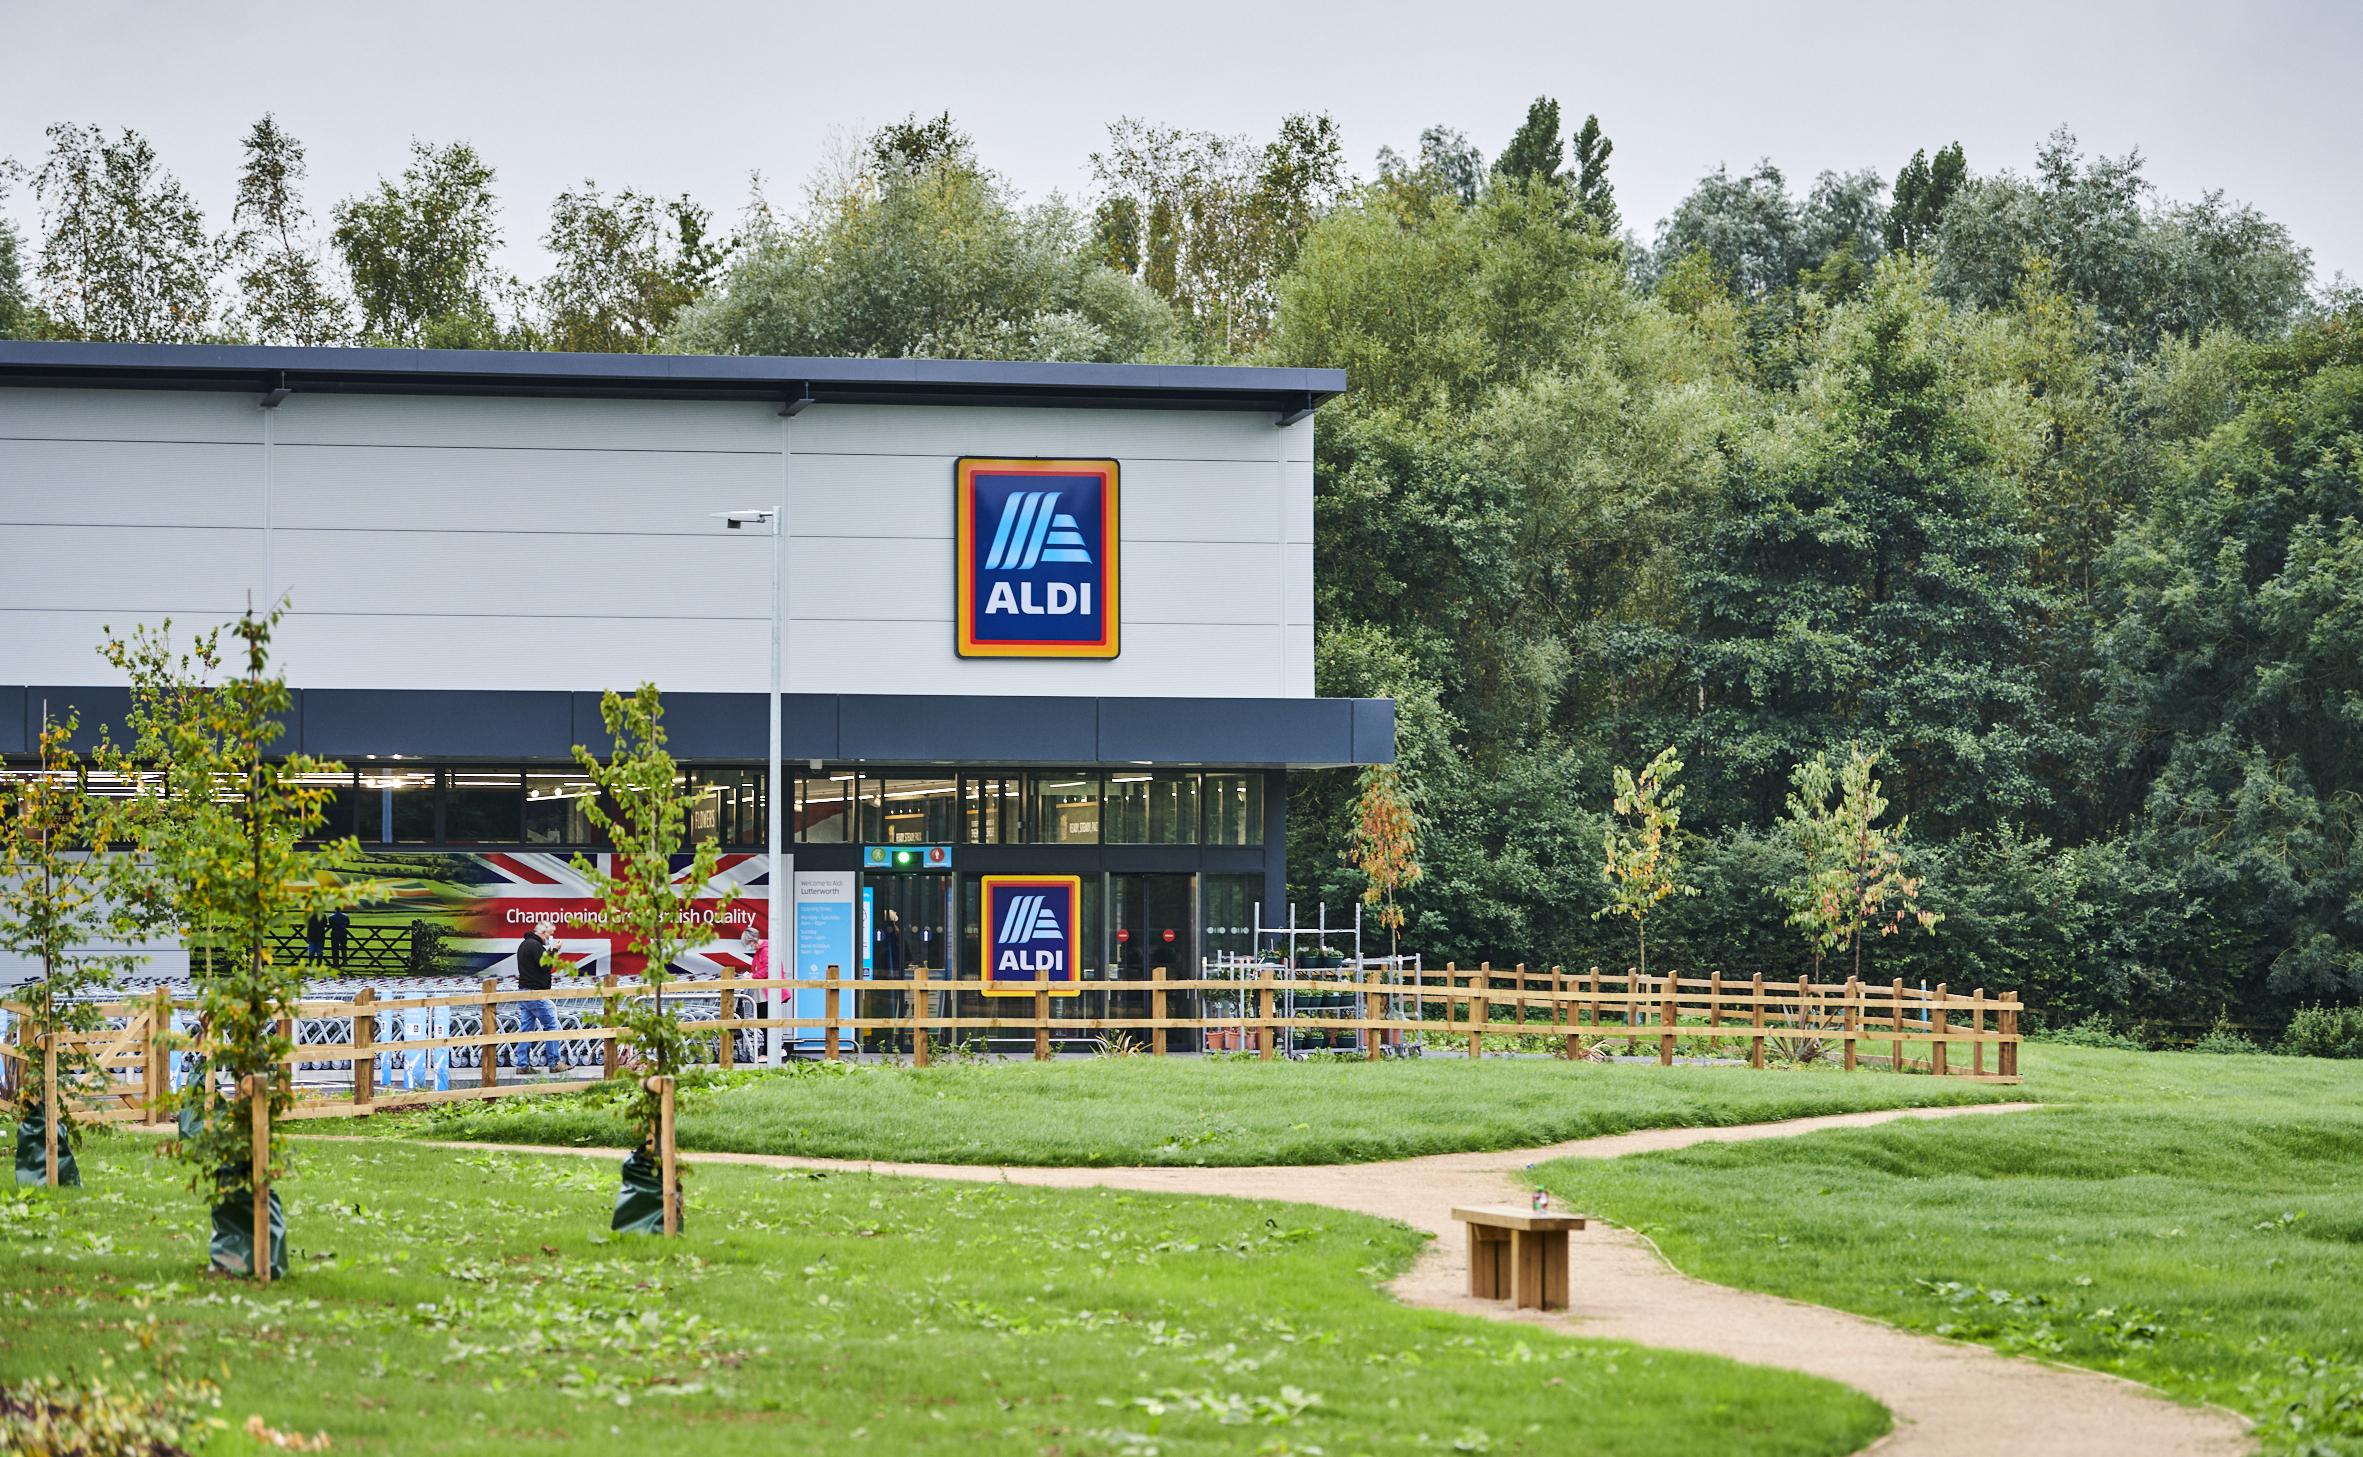 Aldi berencana untuk meluncurkan toko baru di kota-kota Lancashire ini